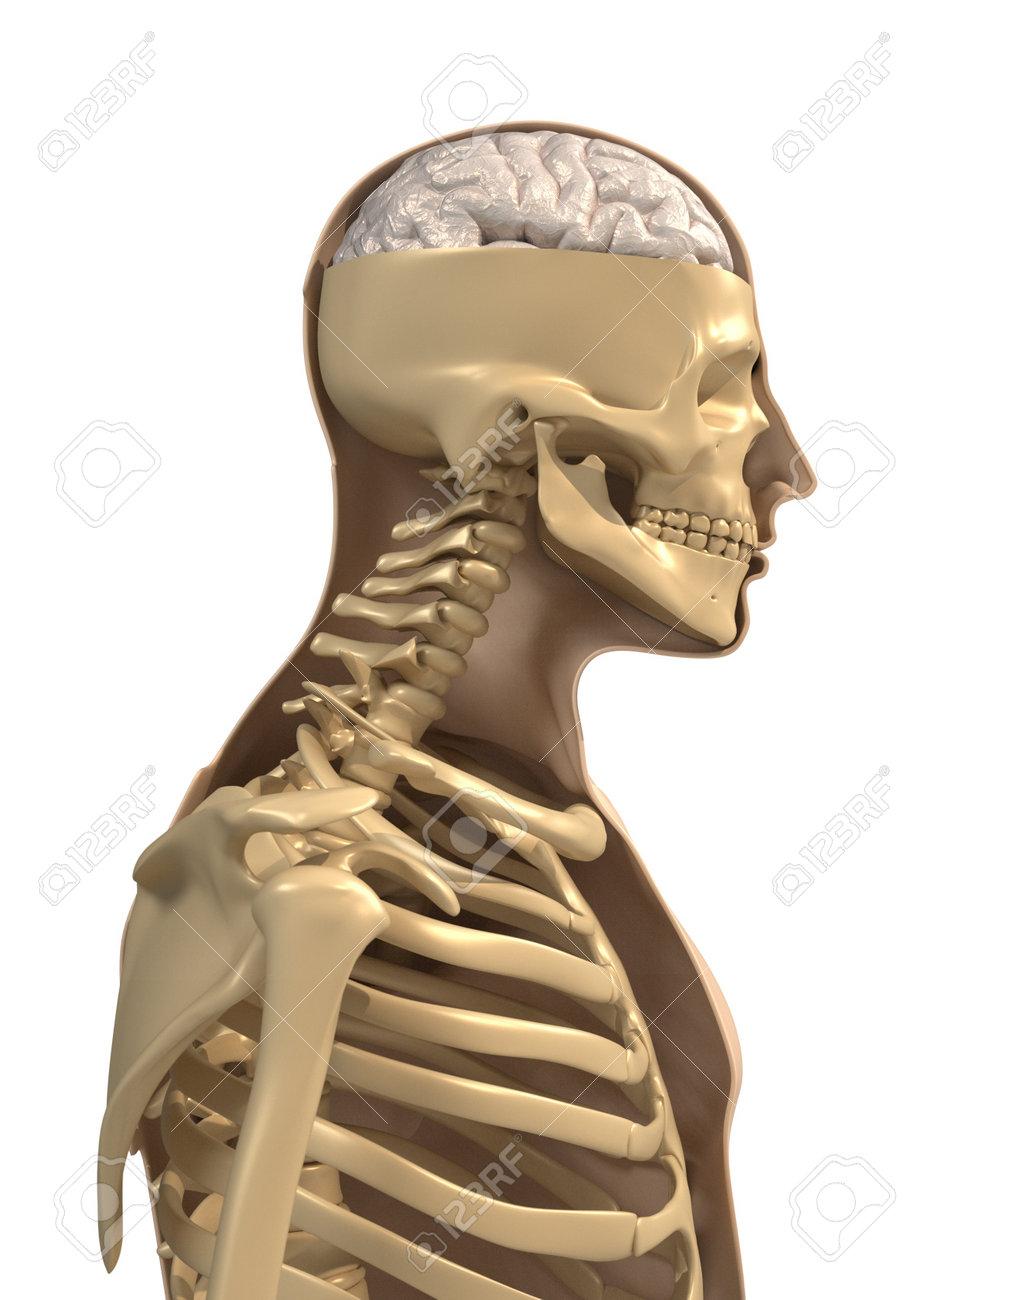 Menschliche Körper, Skelett Und Gehirn - 3d Render Lizenzfreie Fotos ...